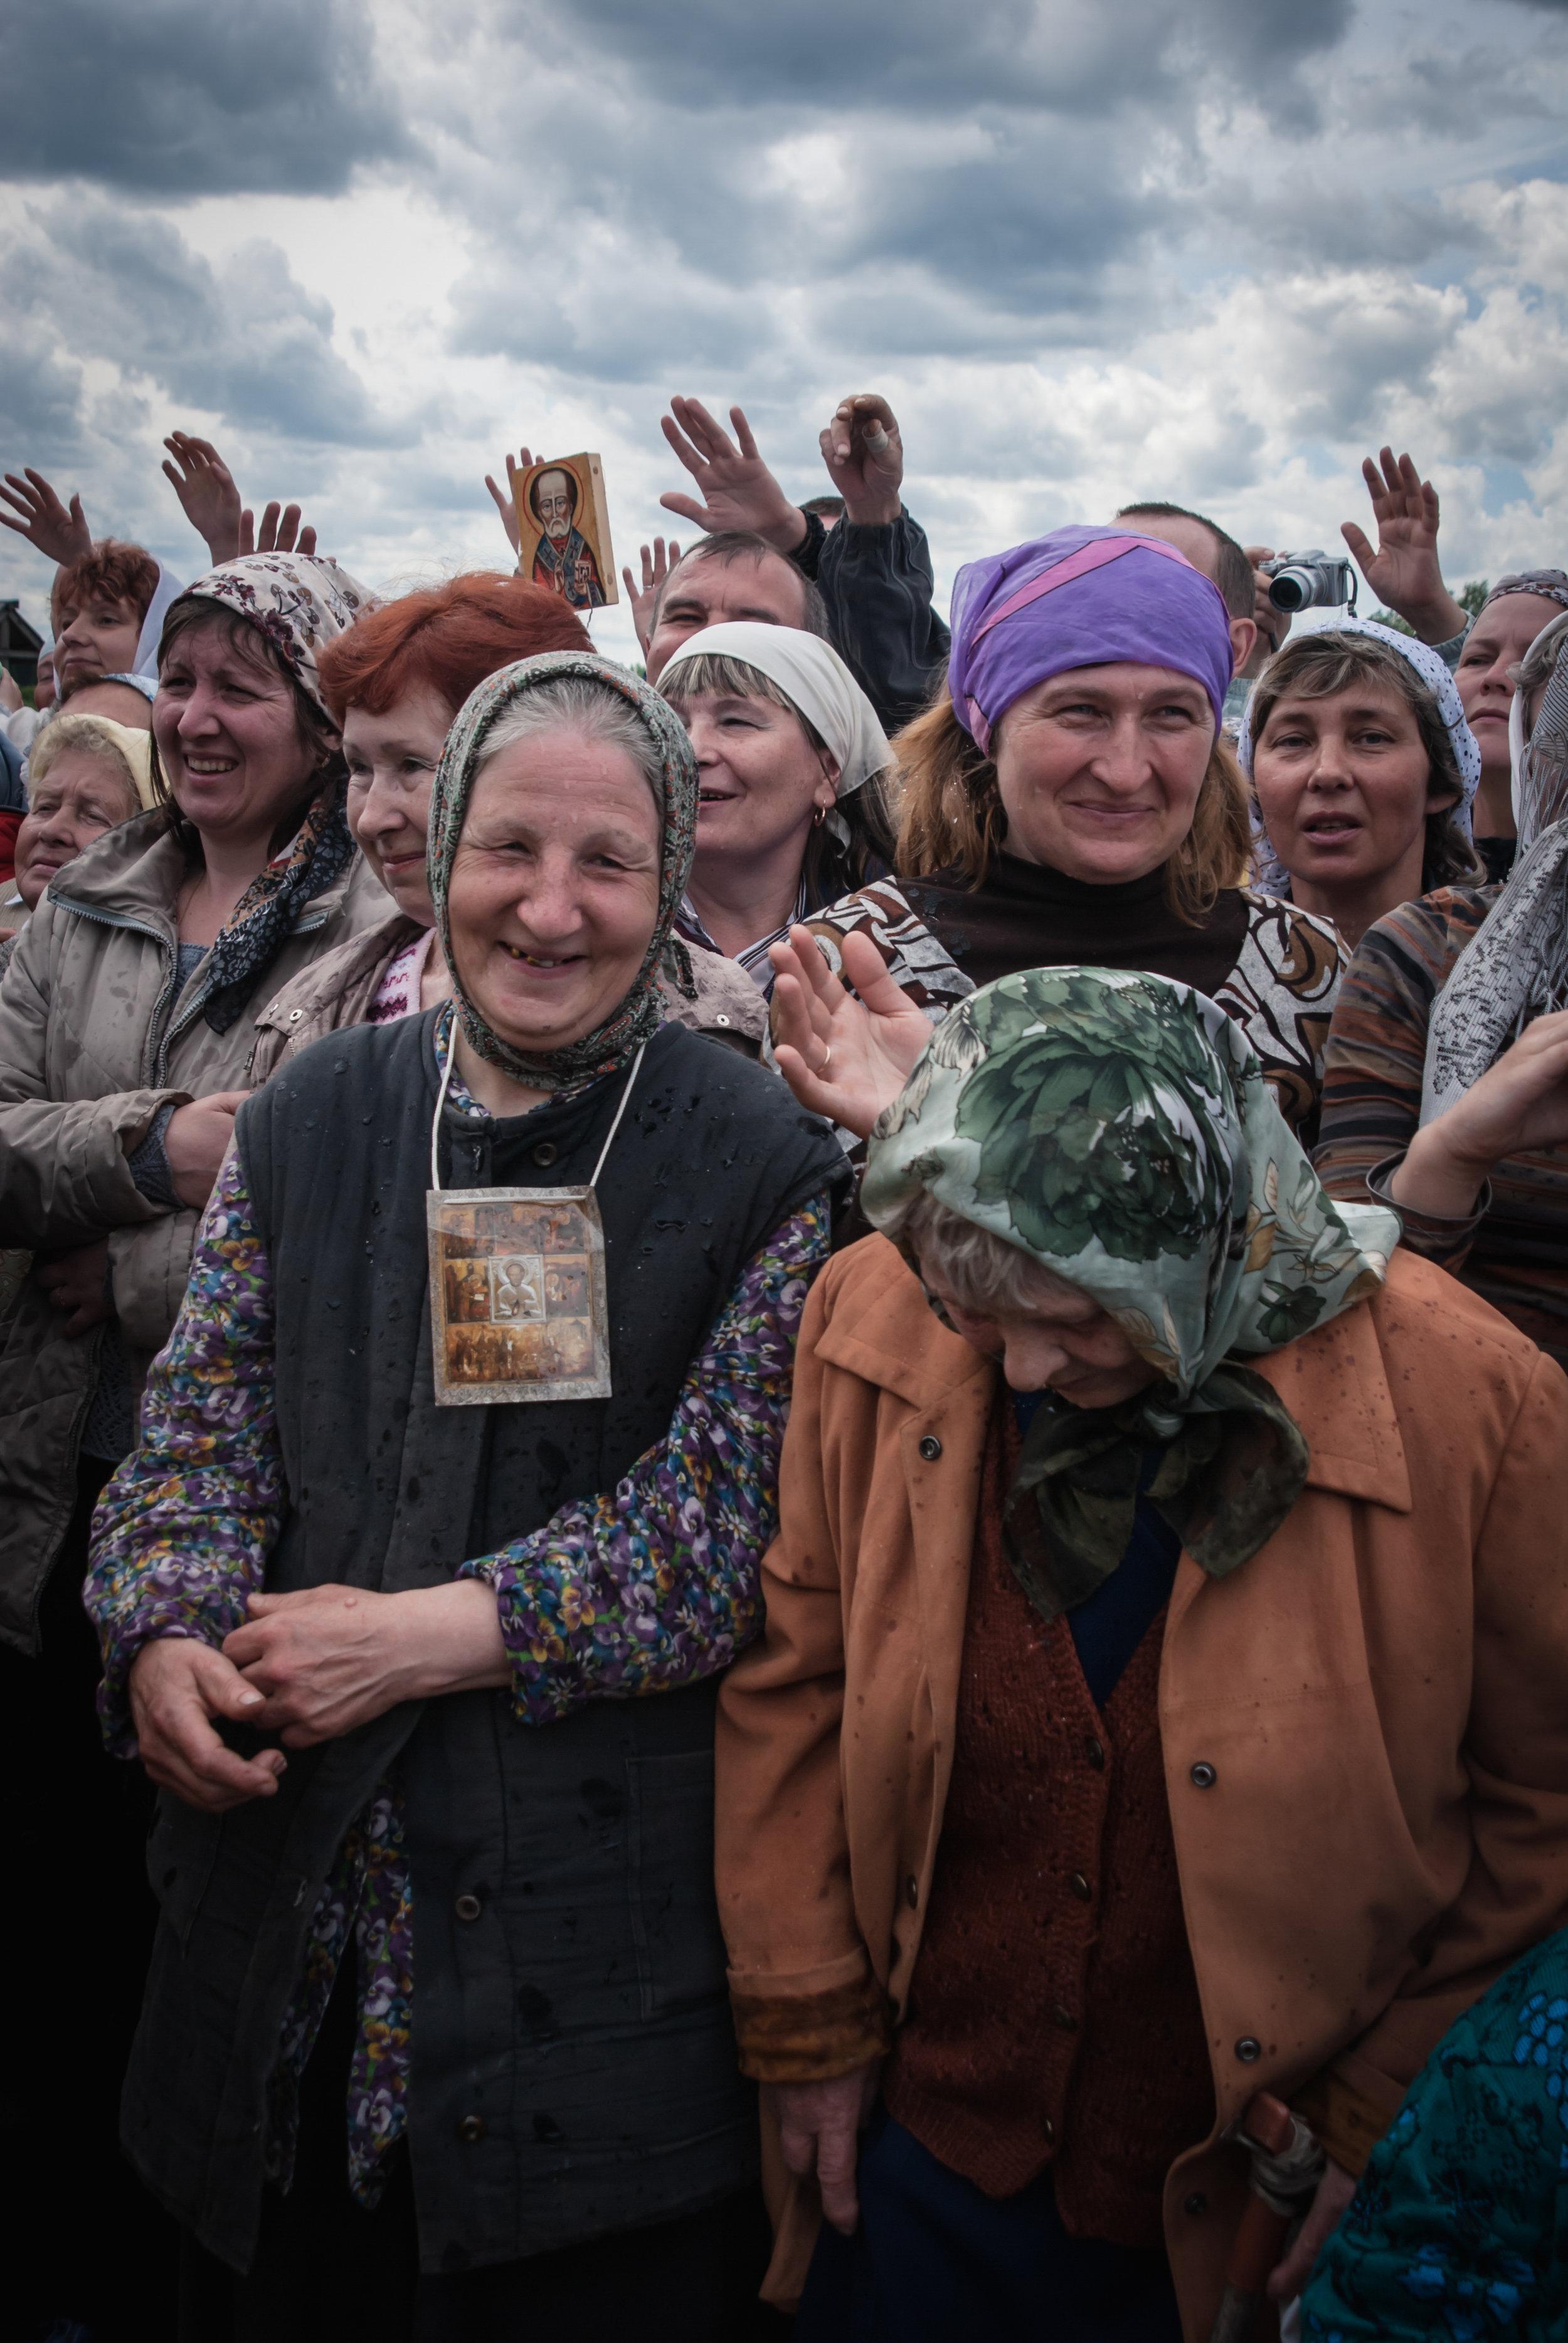 Velikoretskoye pilgrims being sprinkled with holy water, Kirov region June 2009